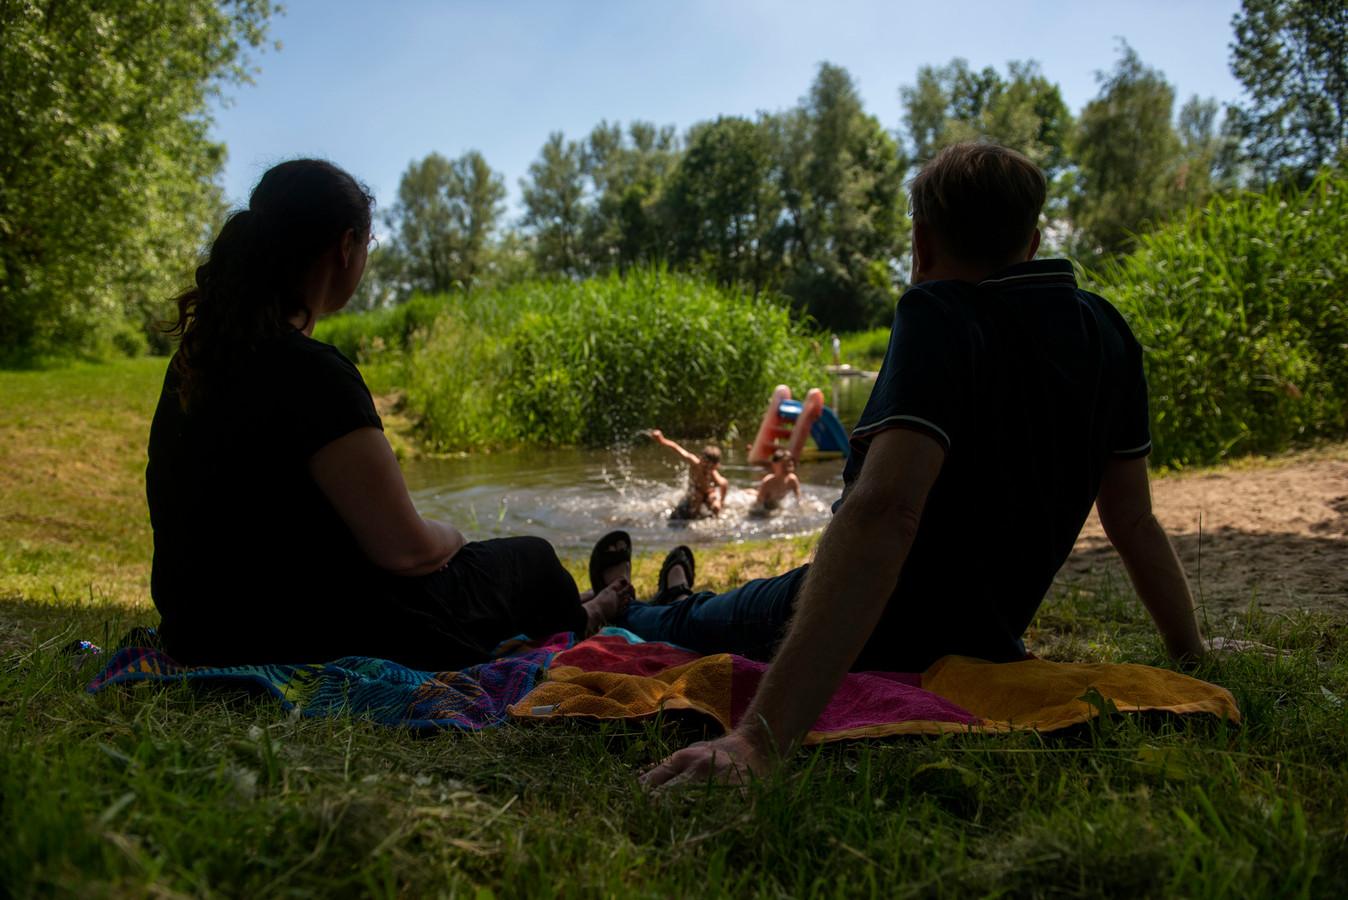 Nakation is een snelgroeiende trend in de toeristenindustrie. Ook bij millennials. Bij de vereniging Mens en Natuur in Zevenbergen hebben ze vorig jaar een handvol jonge gezinnen verwelkomd.